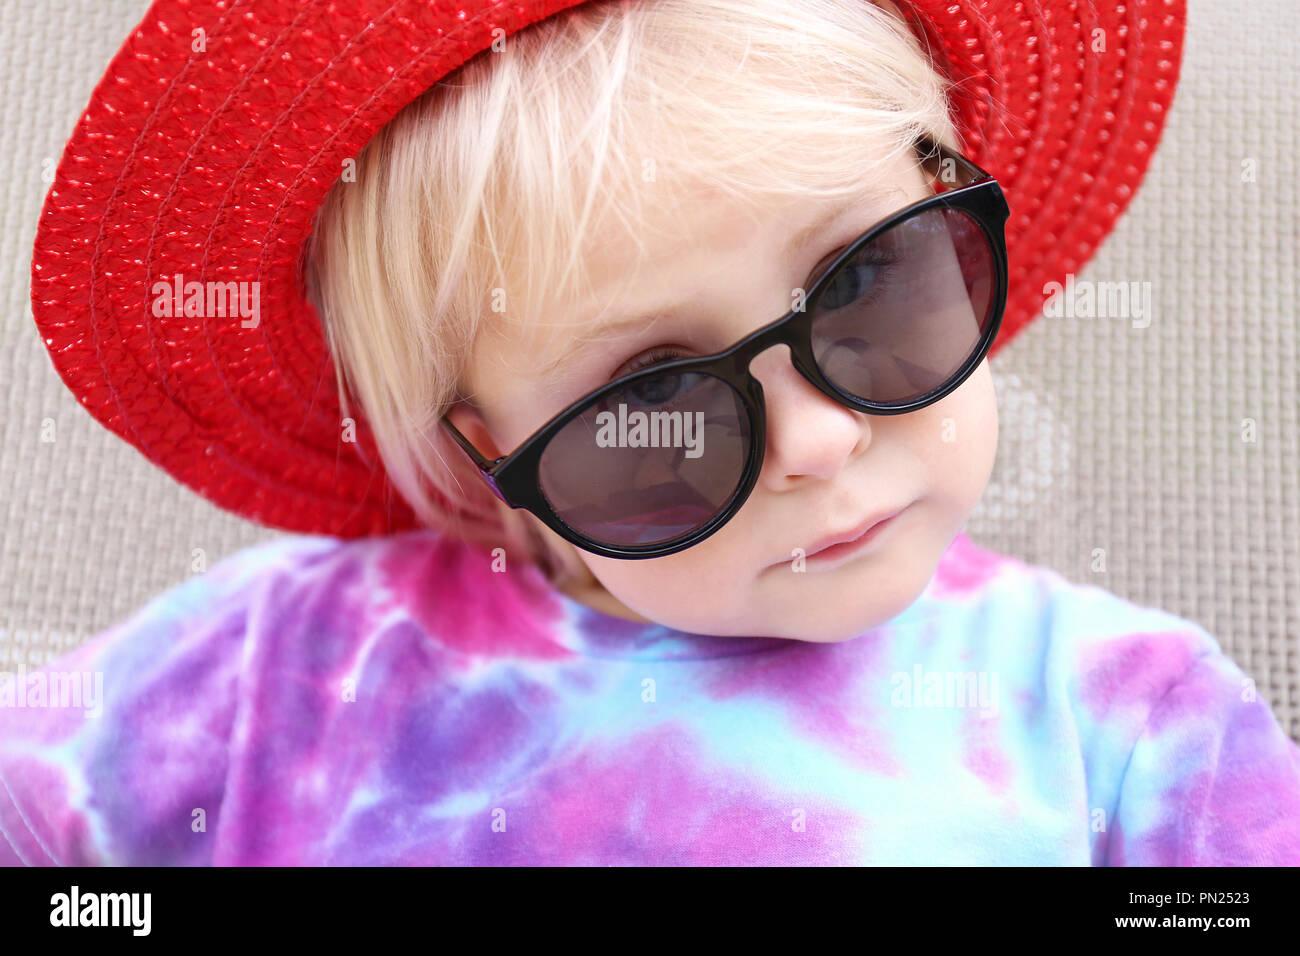 e929fa71e0 Un pequeño y lindo niño niña de 2 años, es tomar el sol fuera rojo, ...